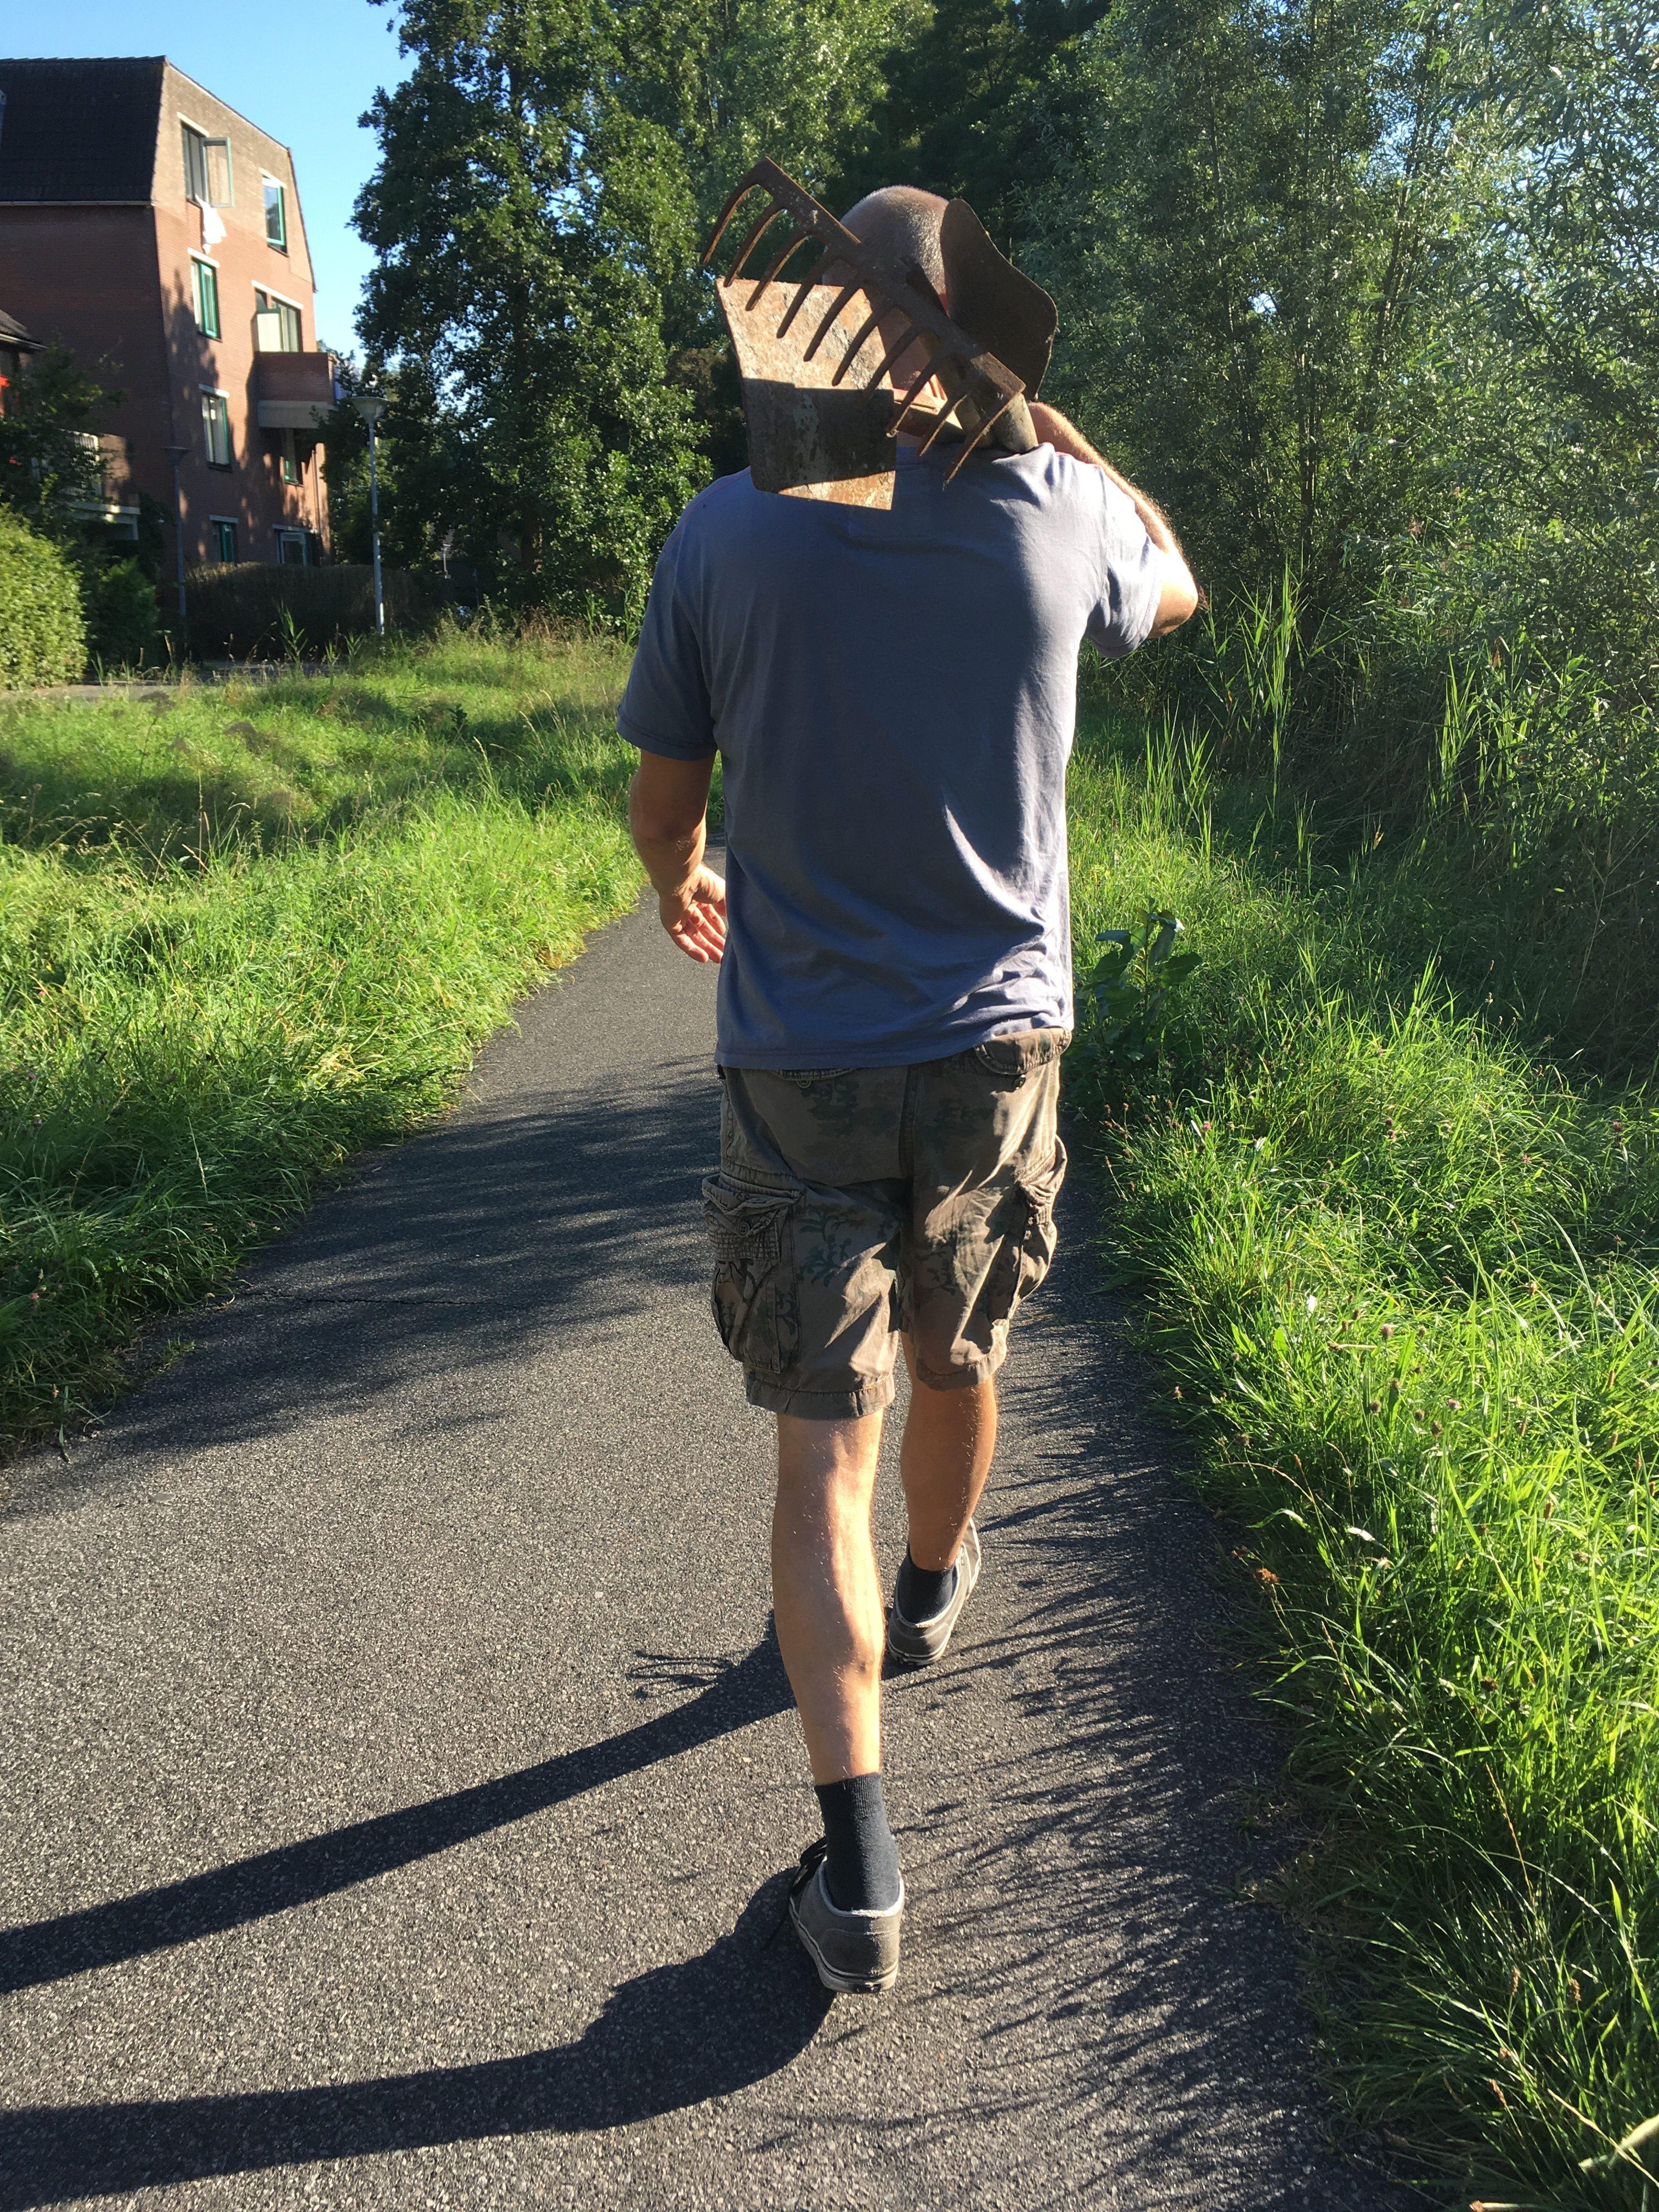 Onderweg naar moestuin met tuingereedschap.